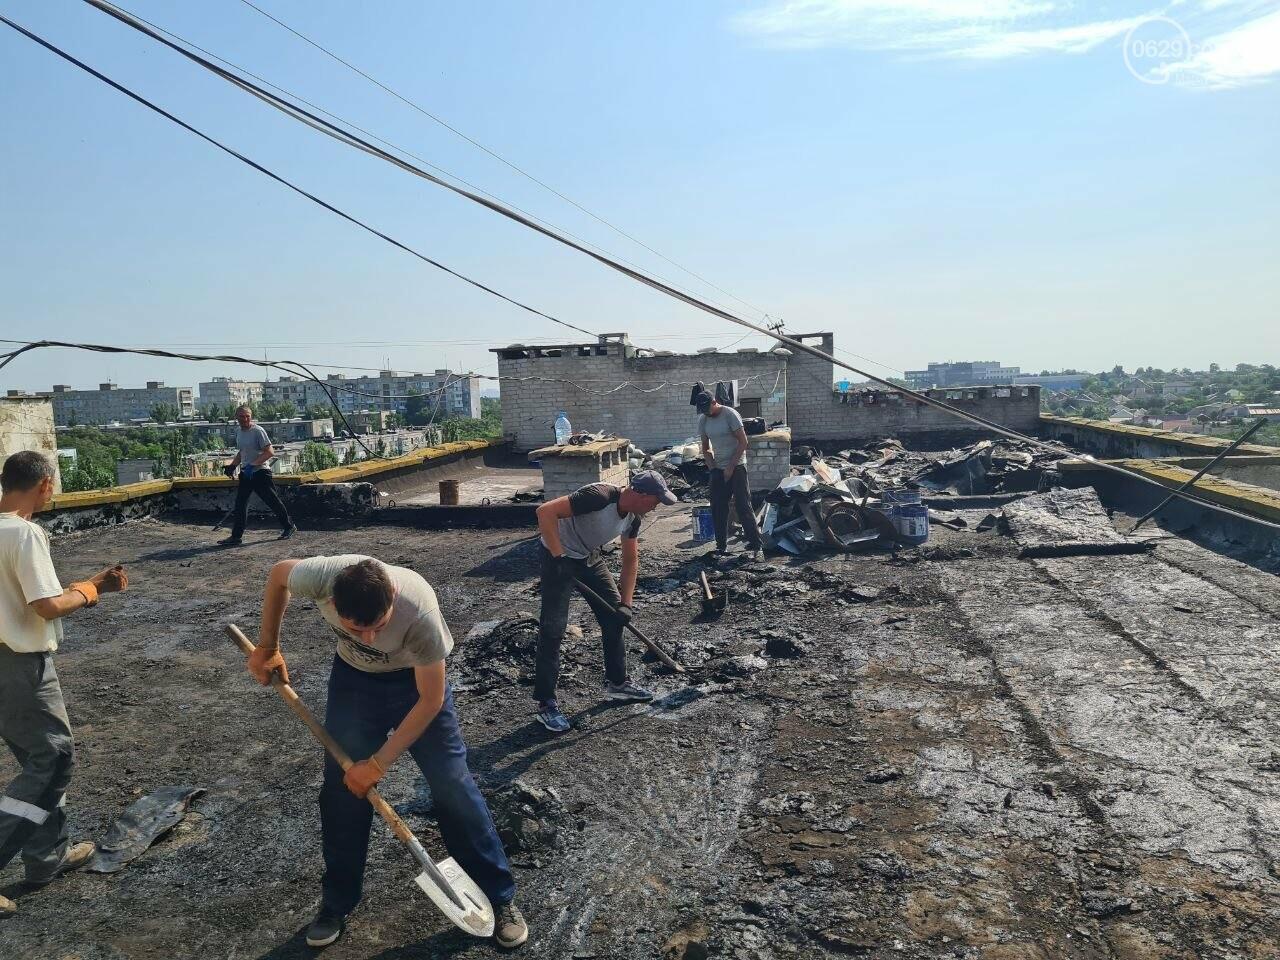 Эхо непогоды! В Мариуполе внепланово ремонтируют пострадавшую от ливня многоэтажку, - ФОТО, фото-7